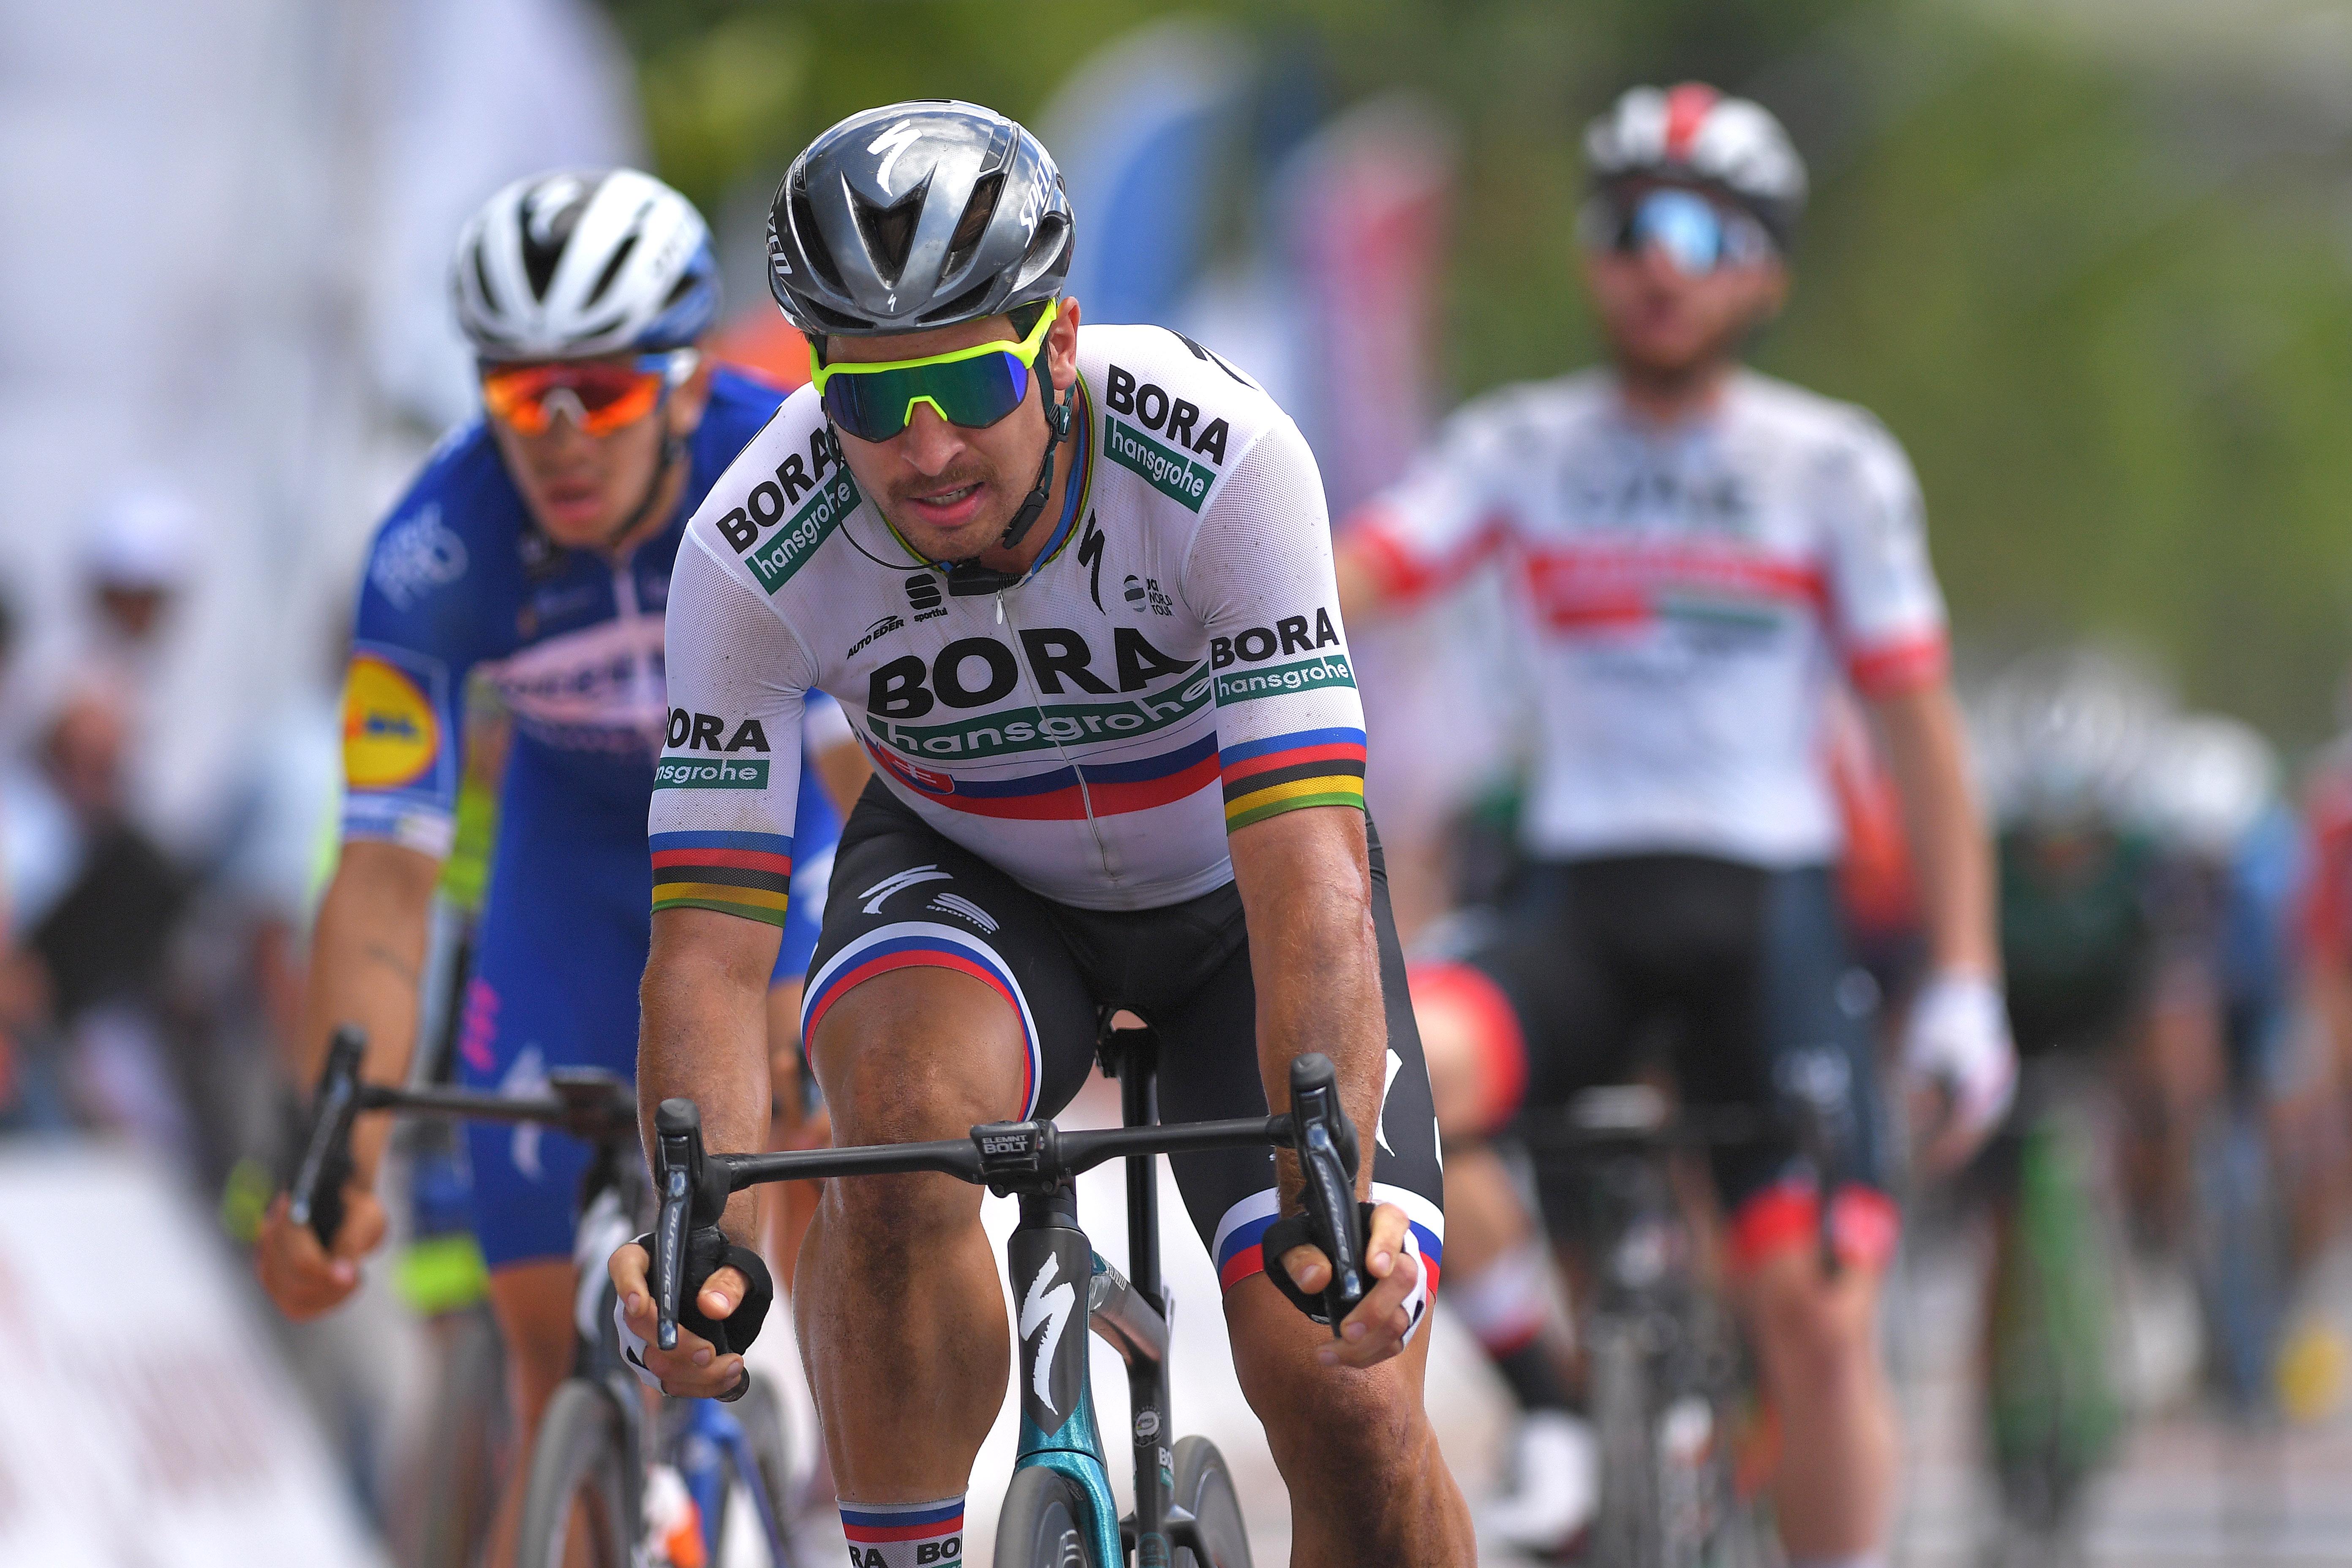 456466bc3 VALLE FÉRTIL - VILLA SAN AGUSTÍN, ARGENTINA - JANUARY 30: Arrival / Sprint  / Peter Sagan of Slovakia and Team Bora-Hansgrohe / during the 37th Tour of  San ...